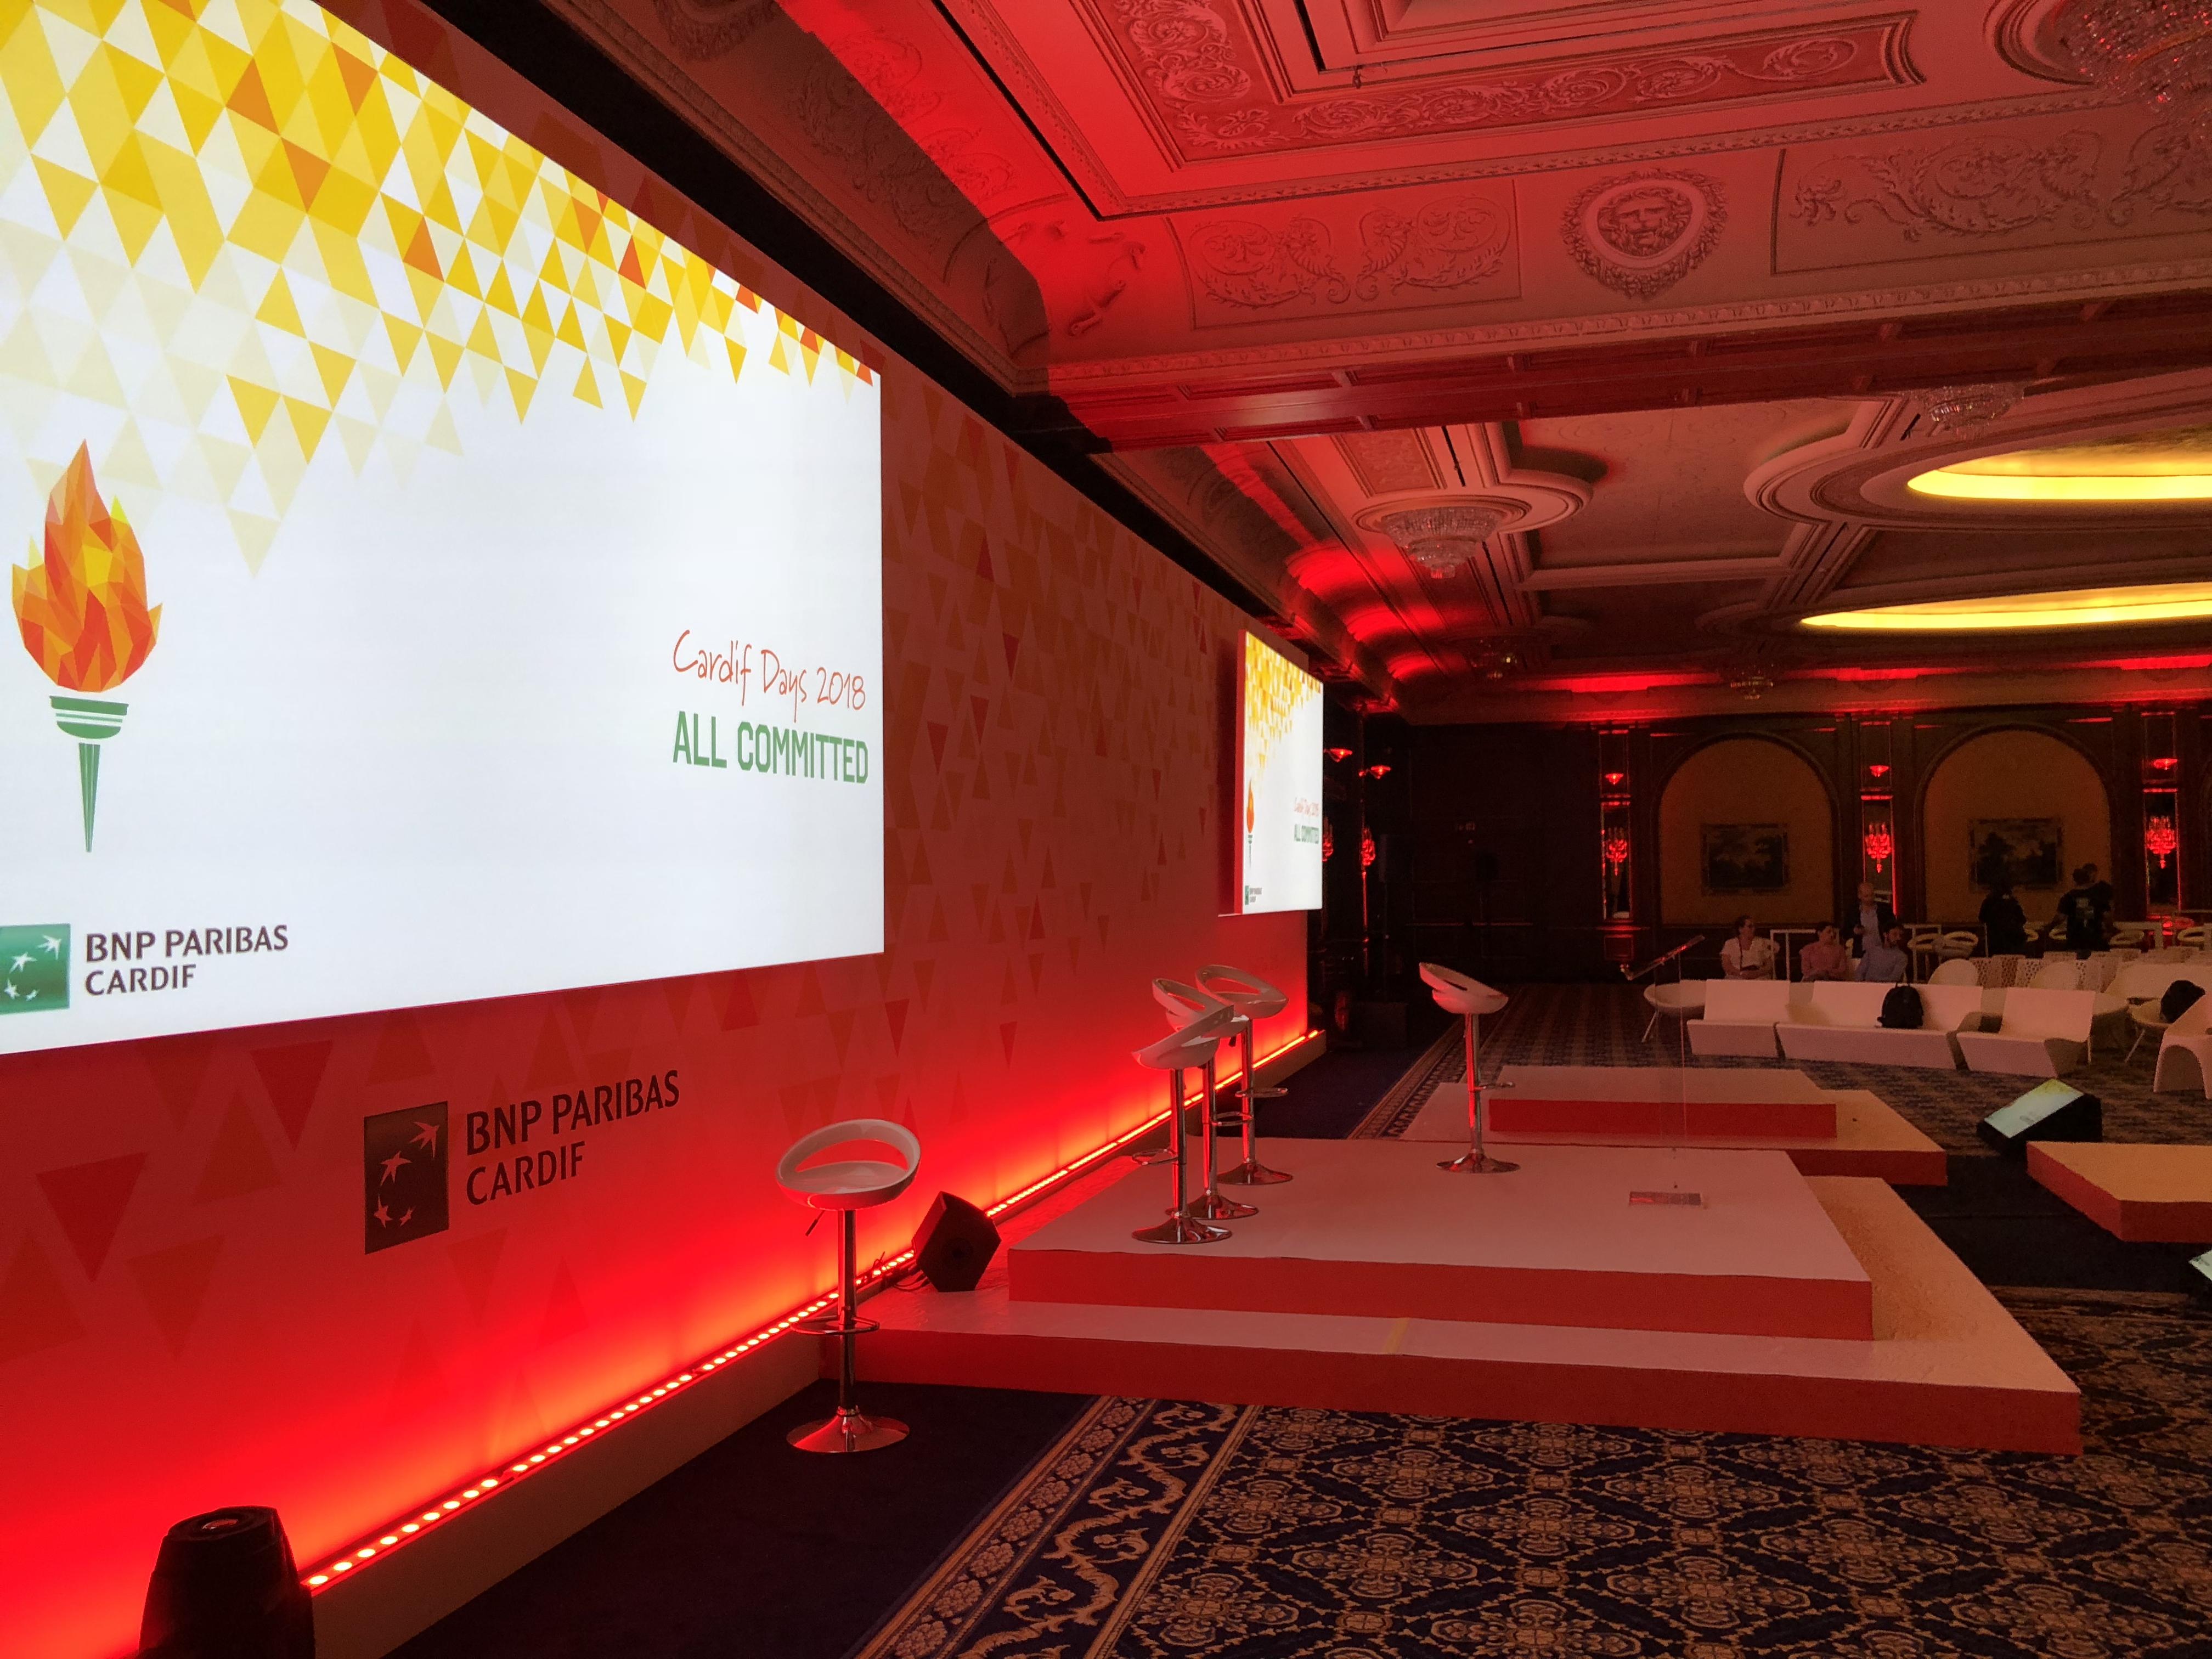 aucop-event-twobevents-son-video-deco-scene-lac majeur-bnp paribas-evenementiel-audiovisuel-italie-Samsung LED 40